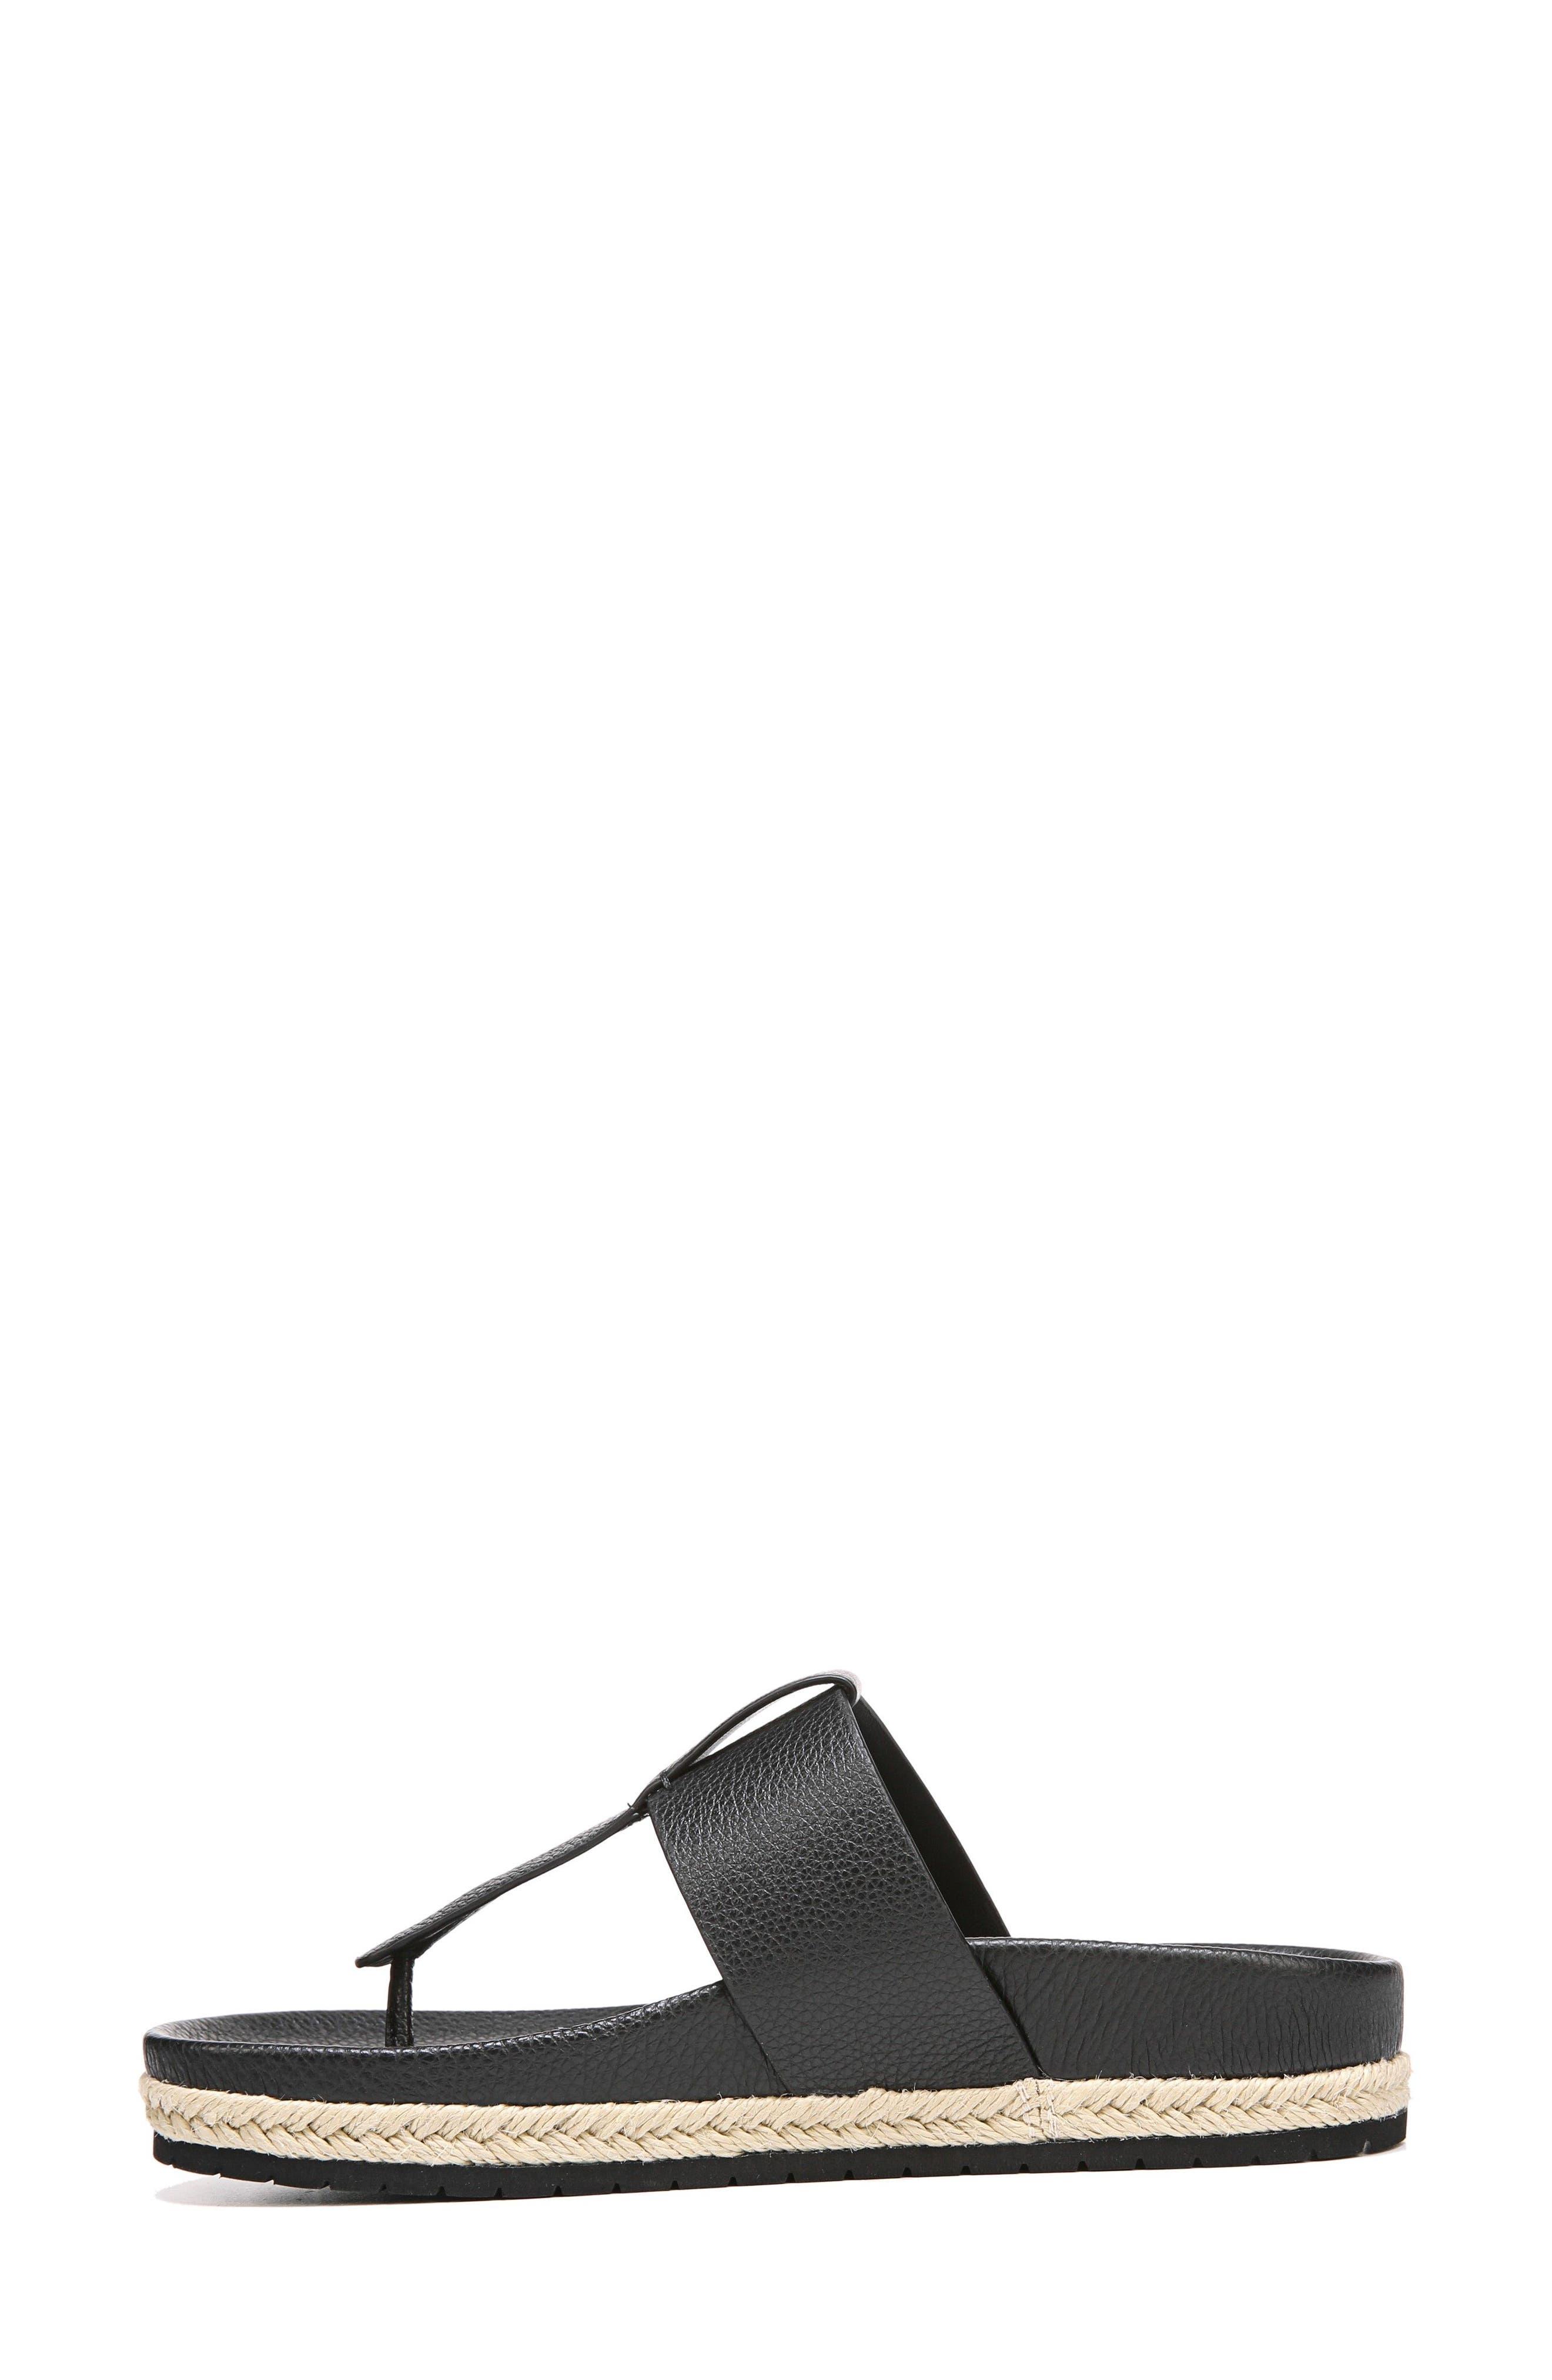 Avani T-Strap Flat Sandal,                             Alternate thumbnail 3, color,                             001